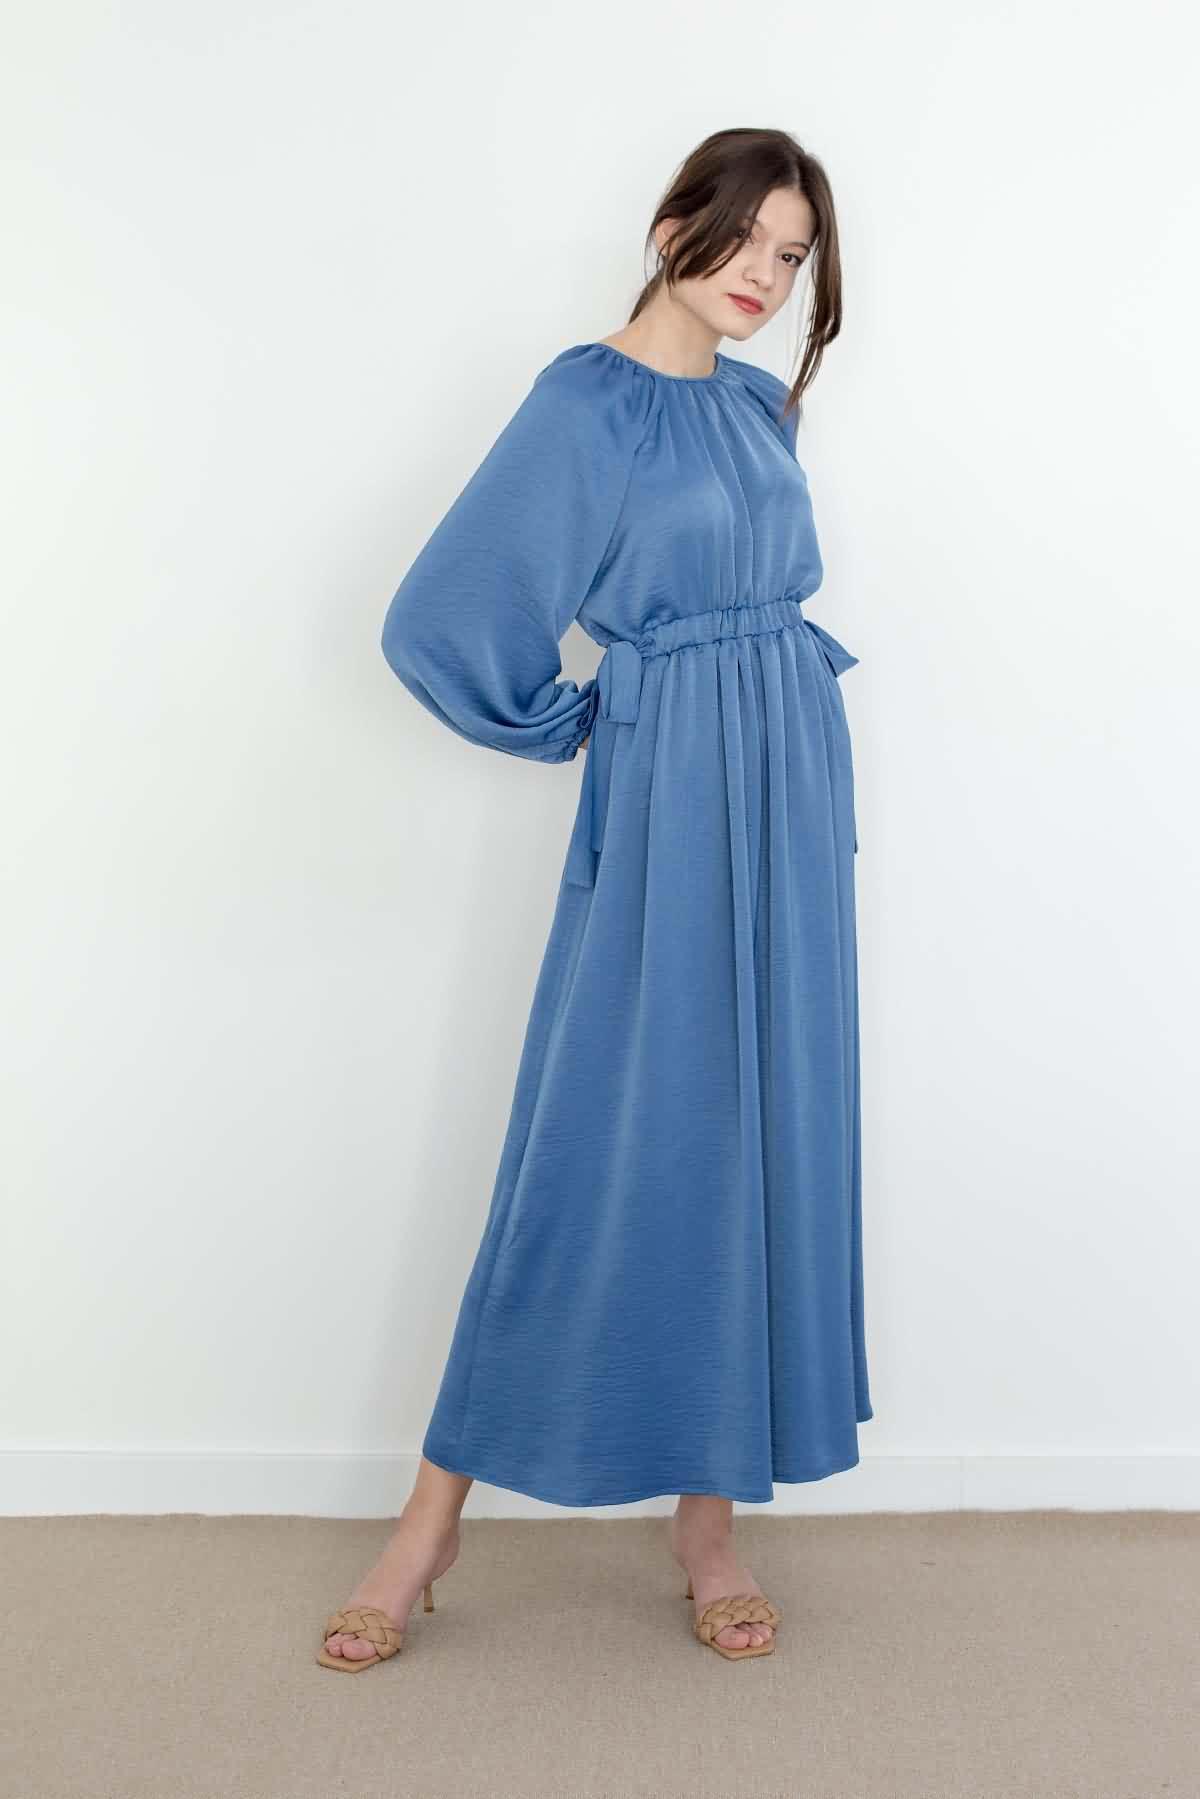 Mevra - Kuşaklı Elbise İndigo